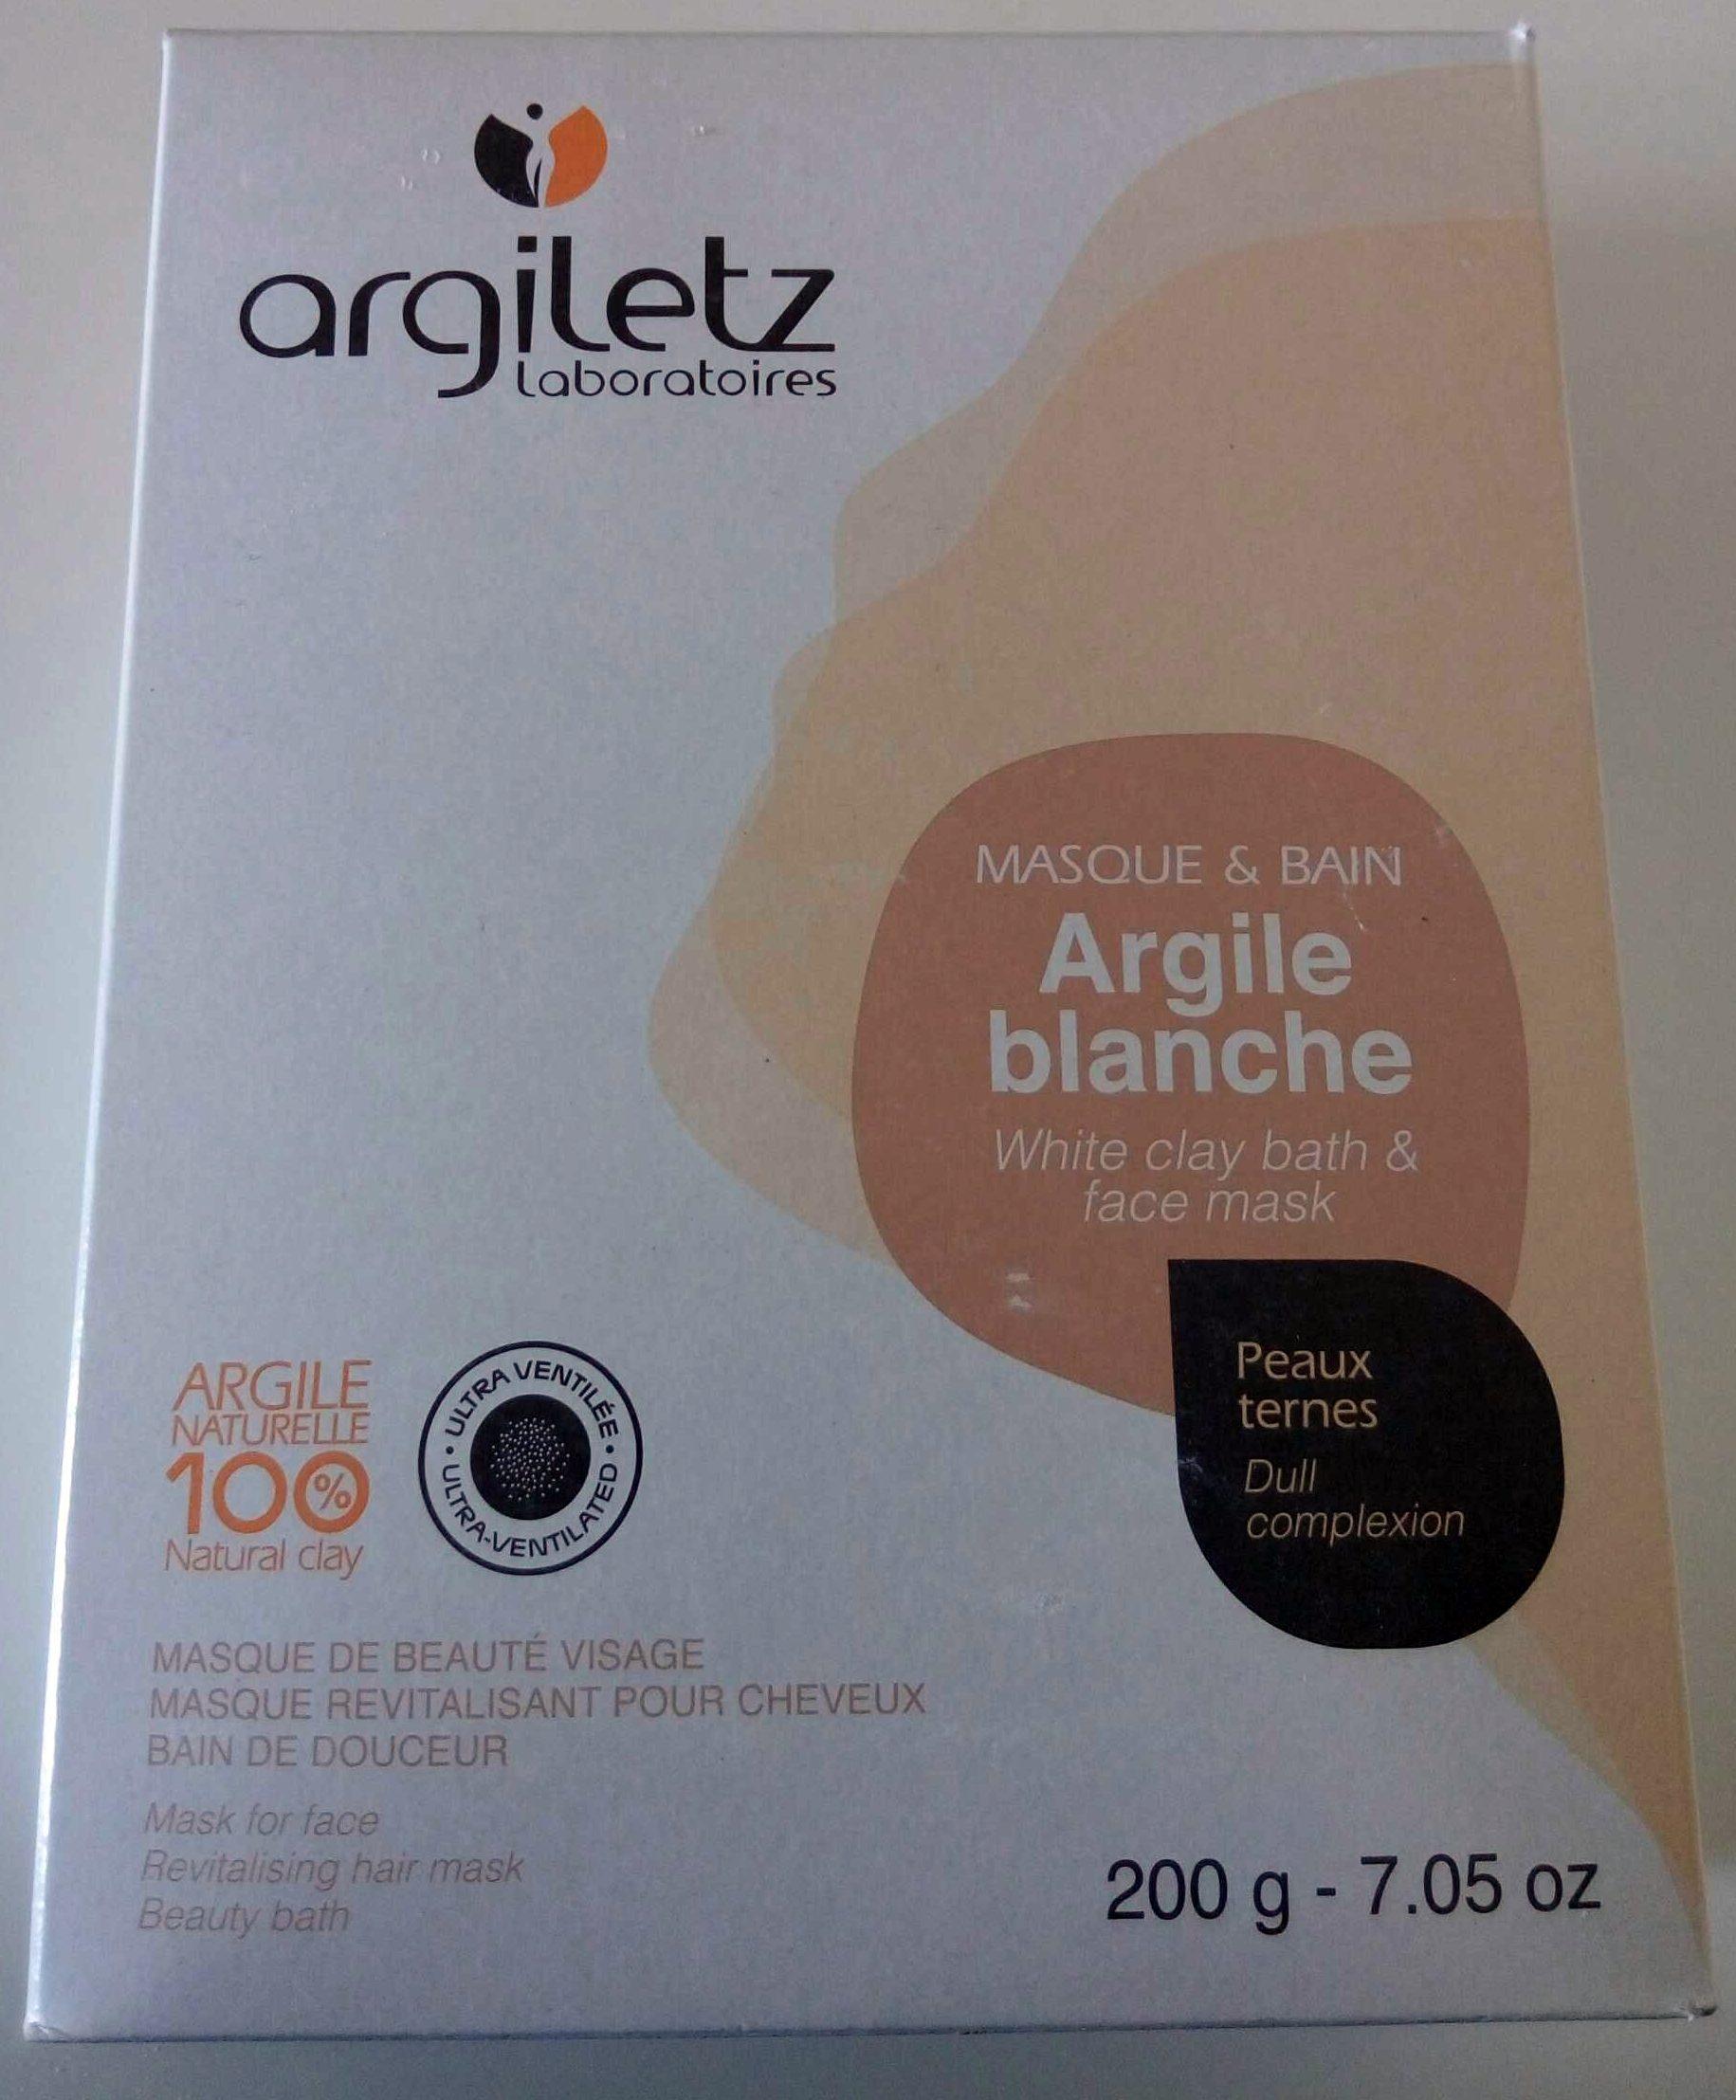 Masque et bain argile blanche - Produit